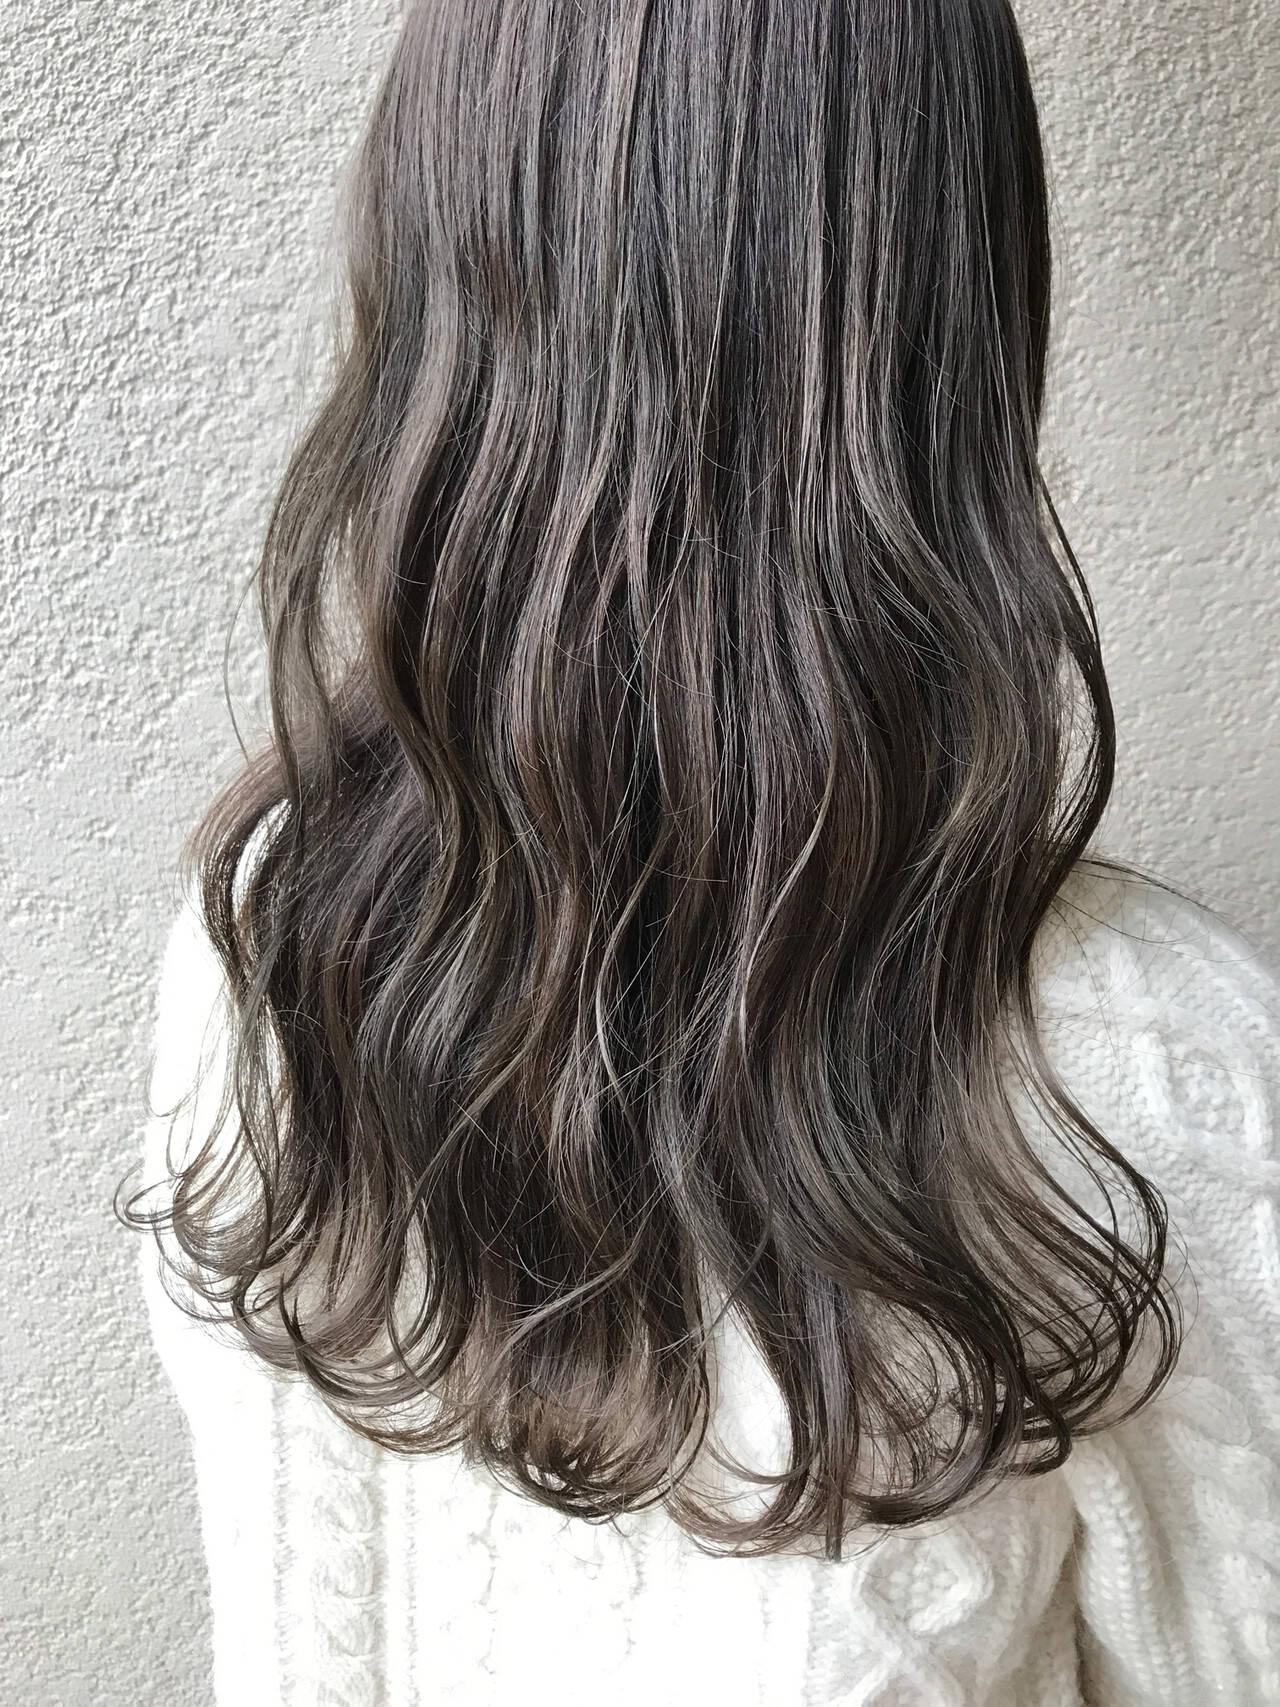 オリーブベージュ 大人ロング ナチュラル ロングヘアスタイルや髪型の写真・画像